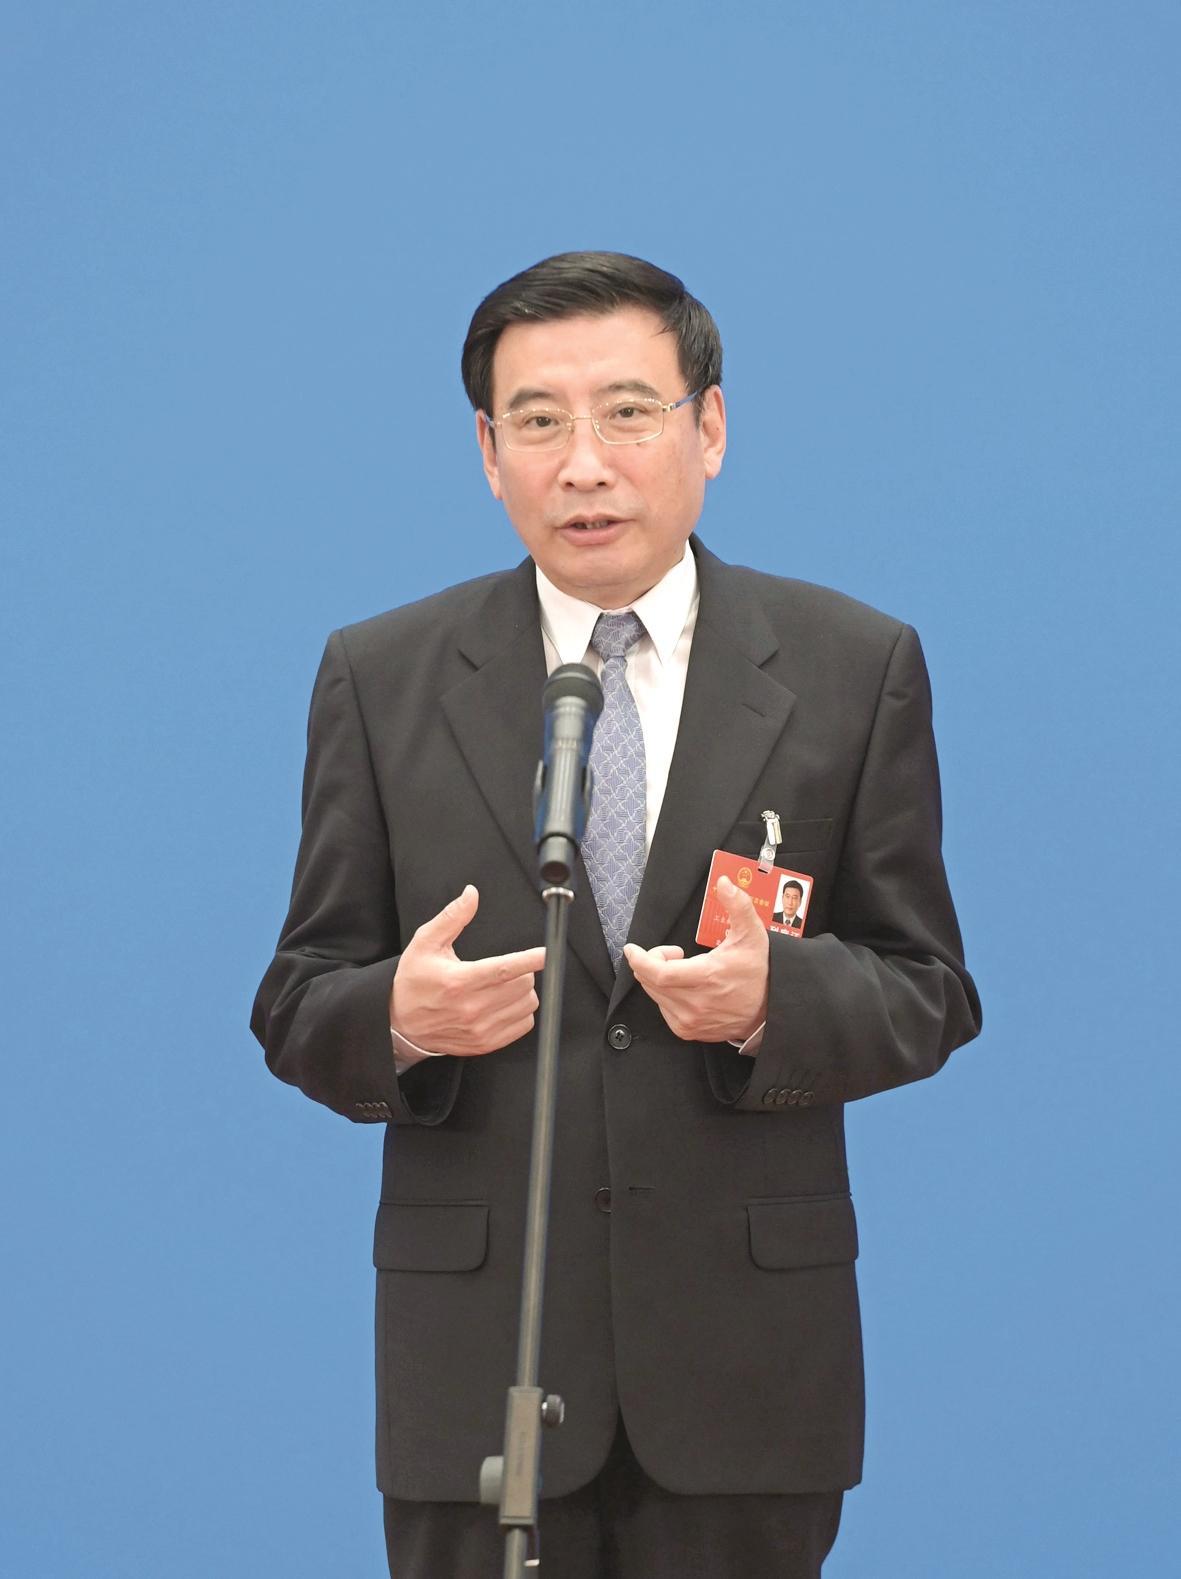 工信部部长苗圩:我国5G建设加速 用户已超3600万